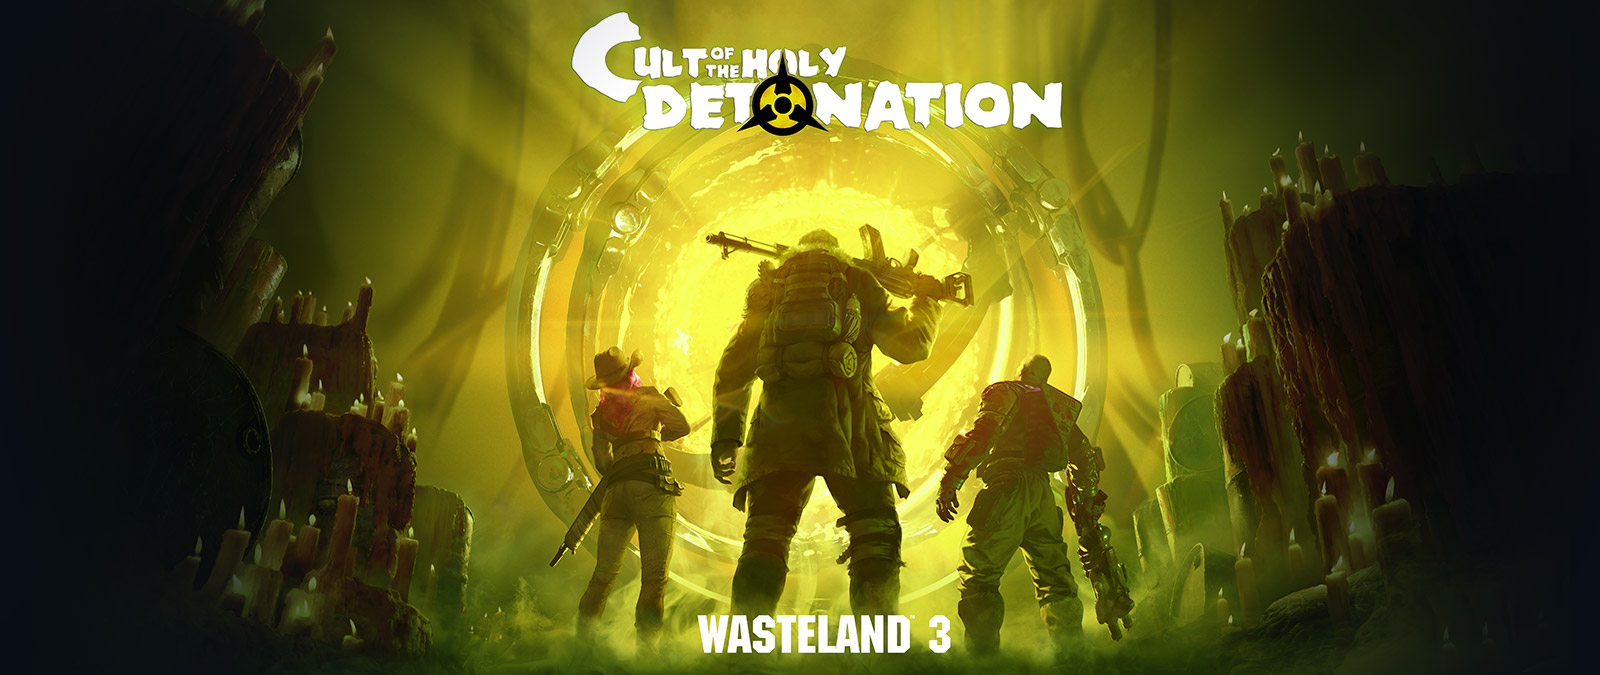 Wasteland 3: Cult of the Holy Detonation, useita maailmanlopun jälkeisiä sankareita tuijottaa hehkuvaan kultaiseen portaaliin.